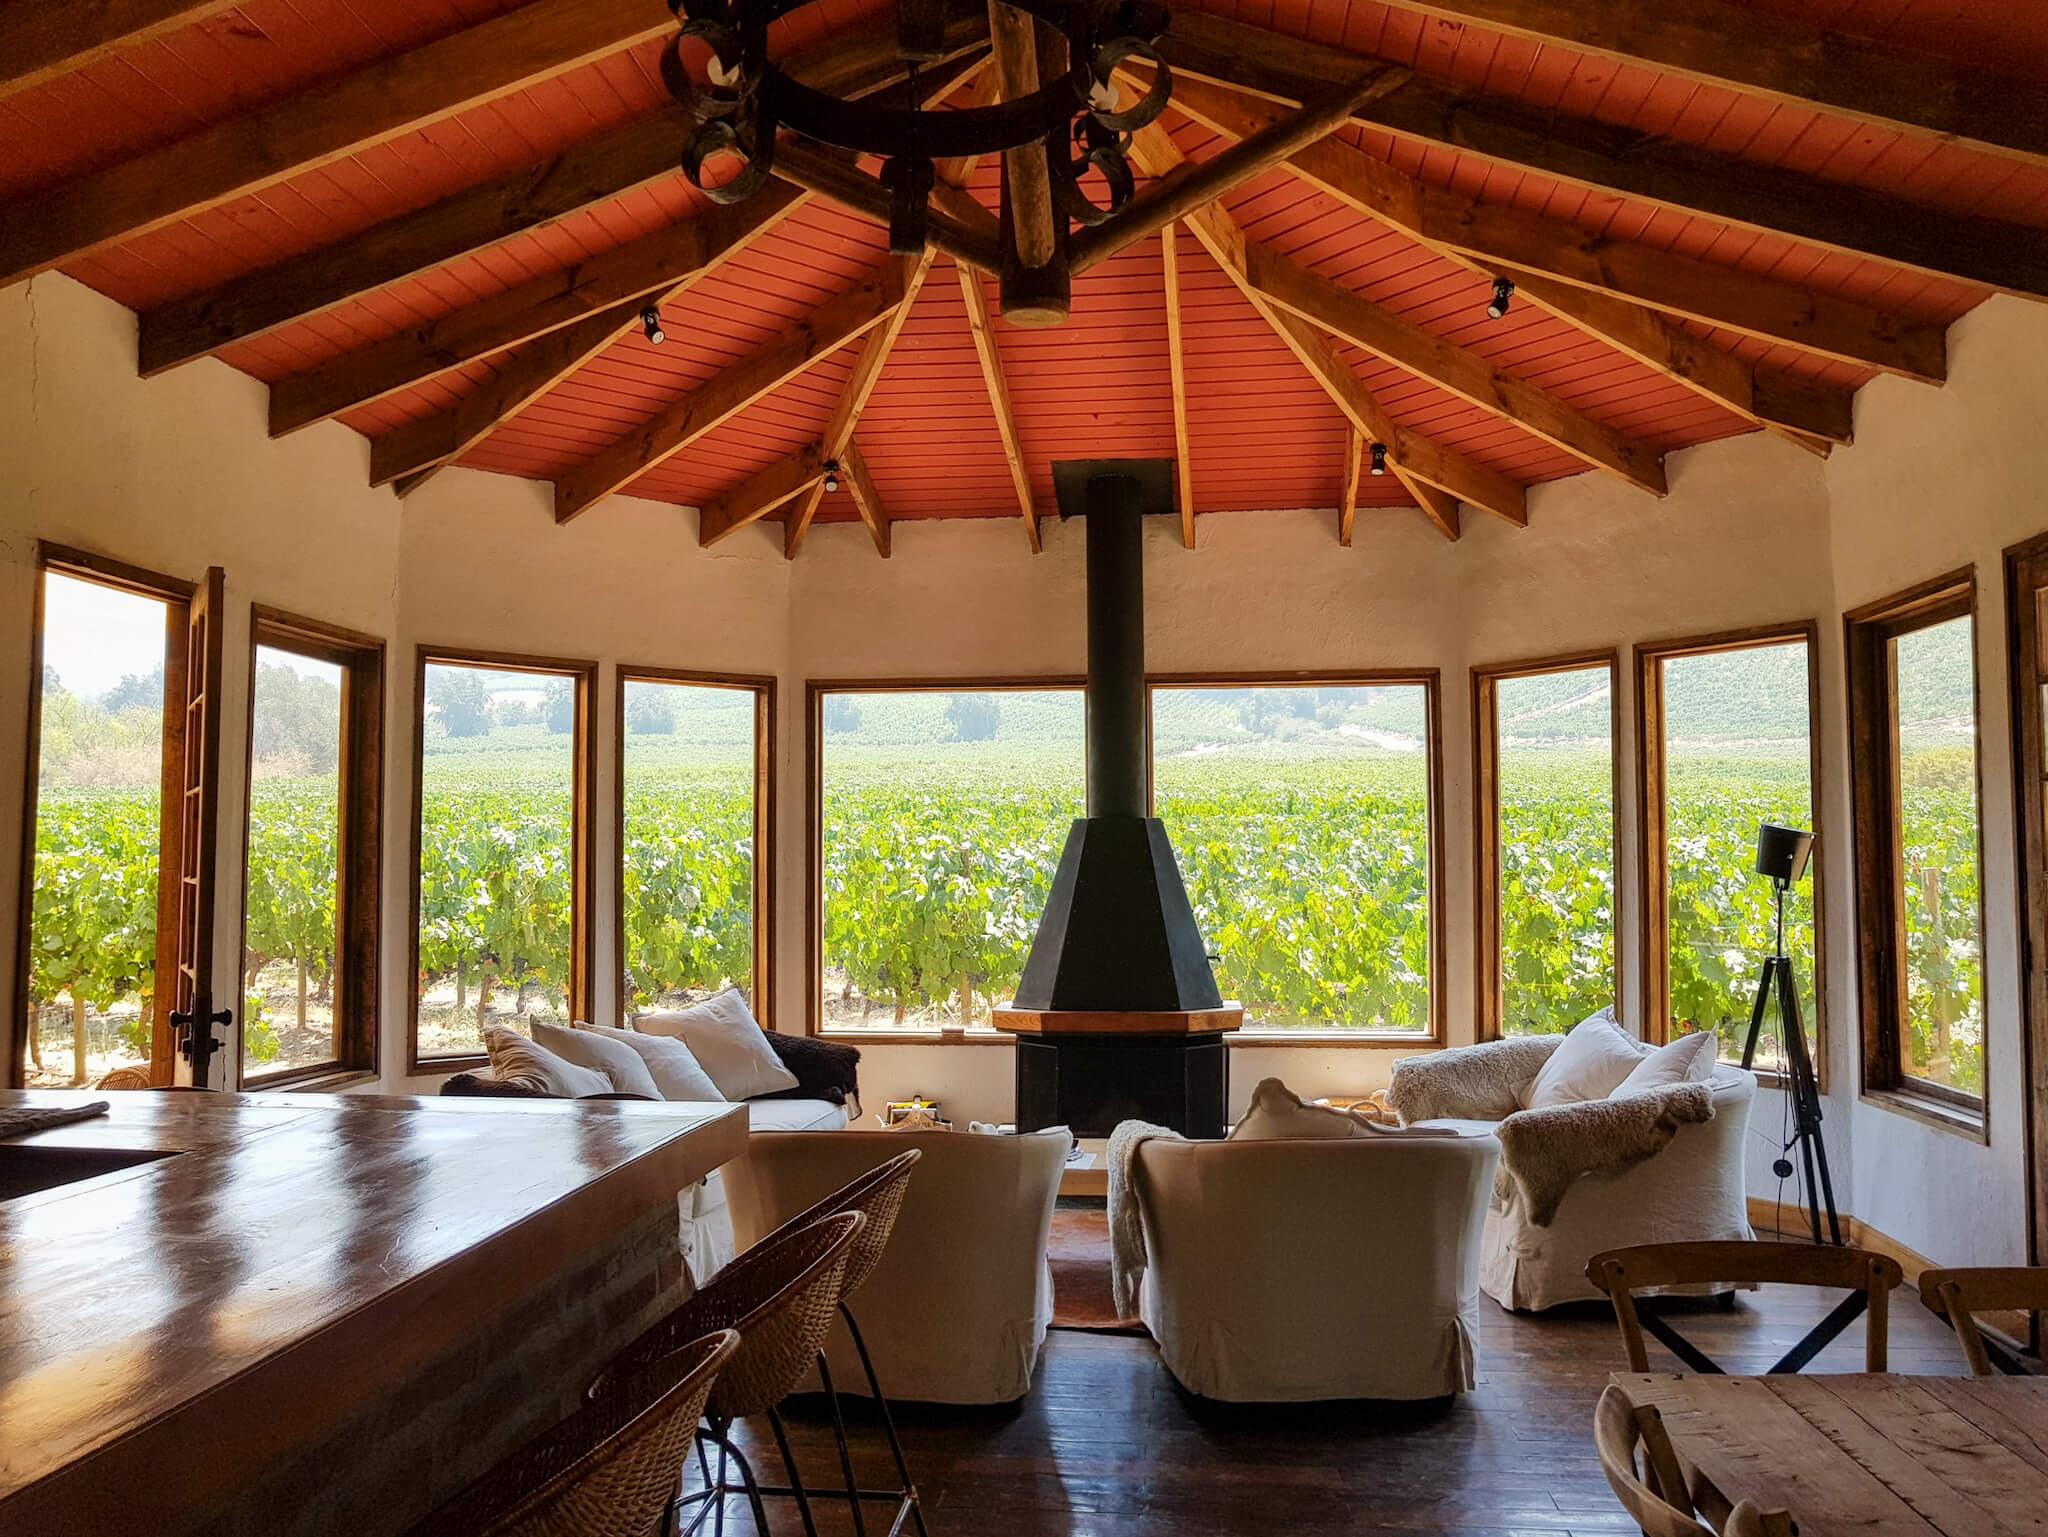 Vina Montes guest house